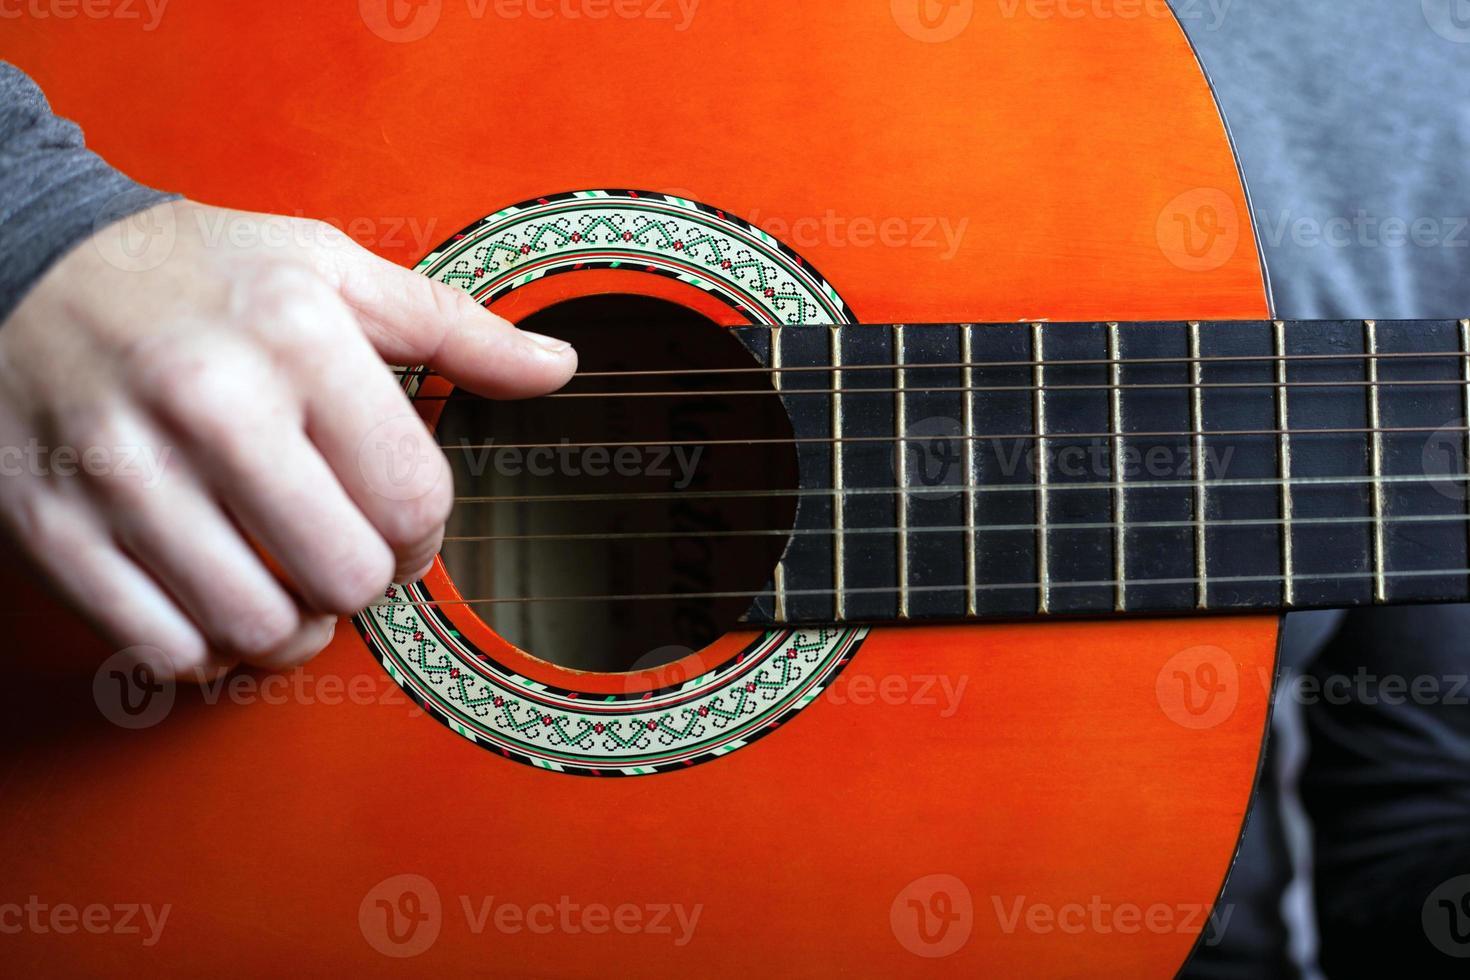 homme jouant avec guitare orange acoustique photo